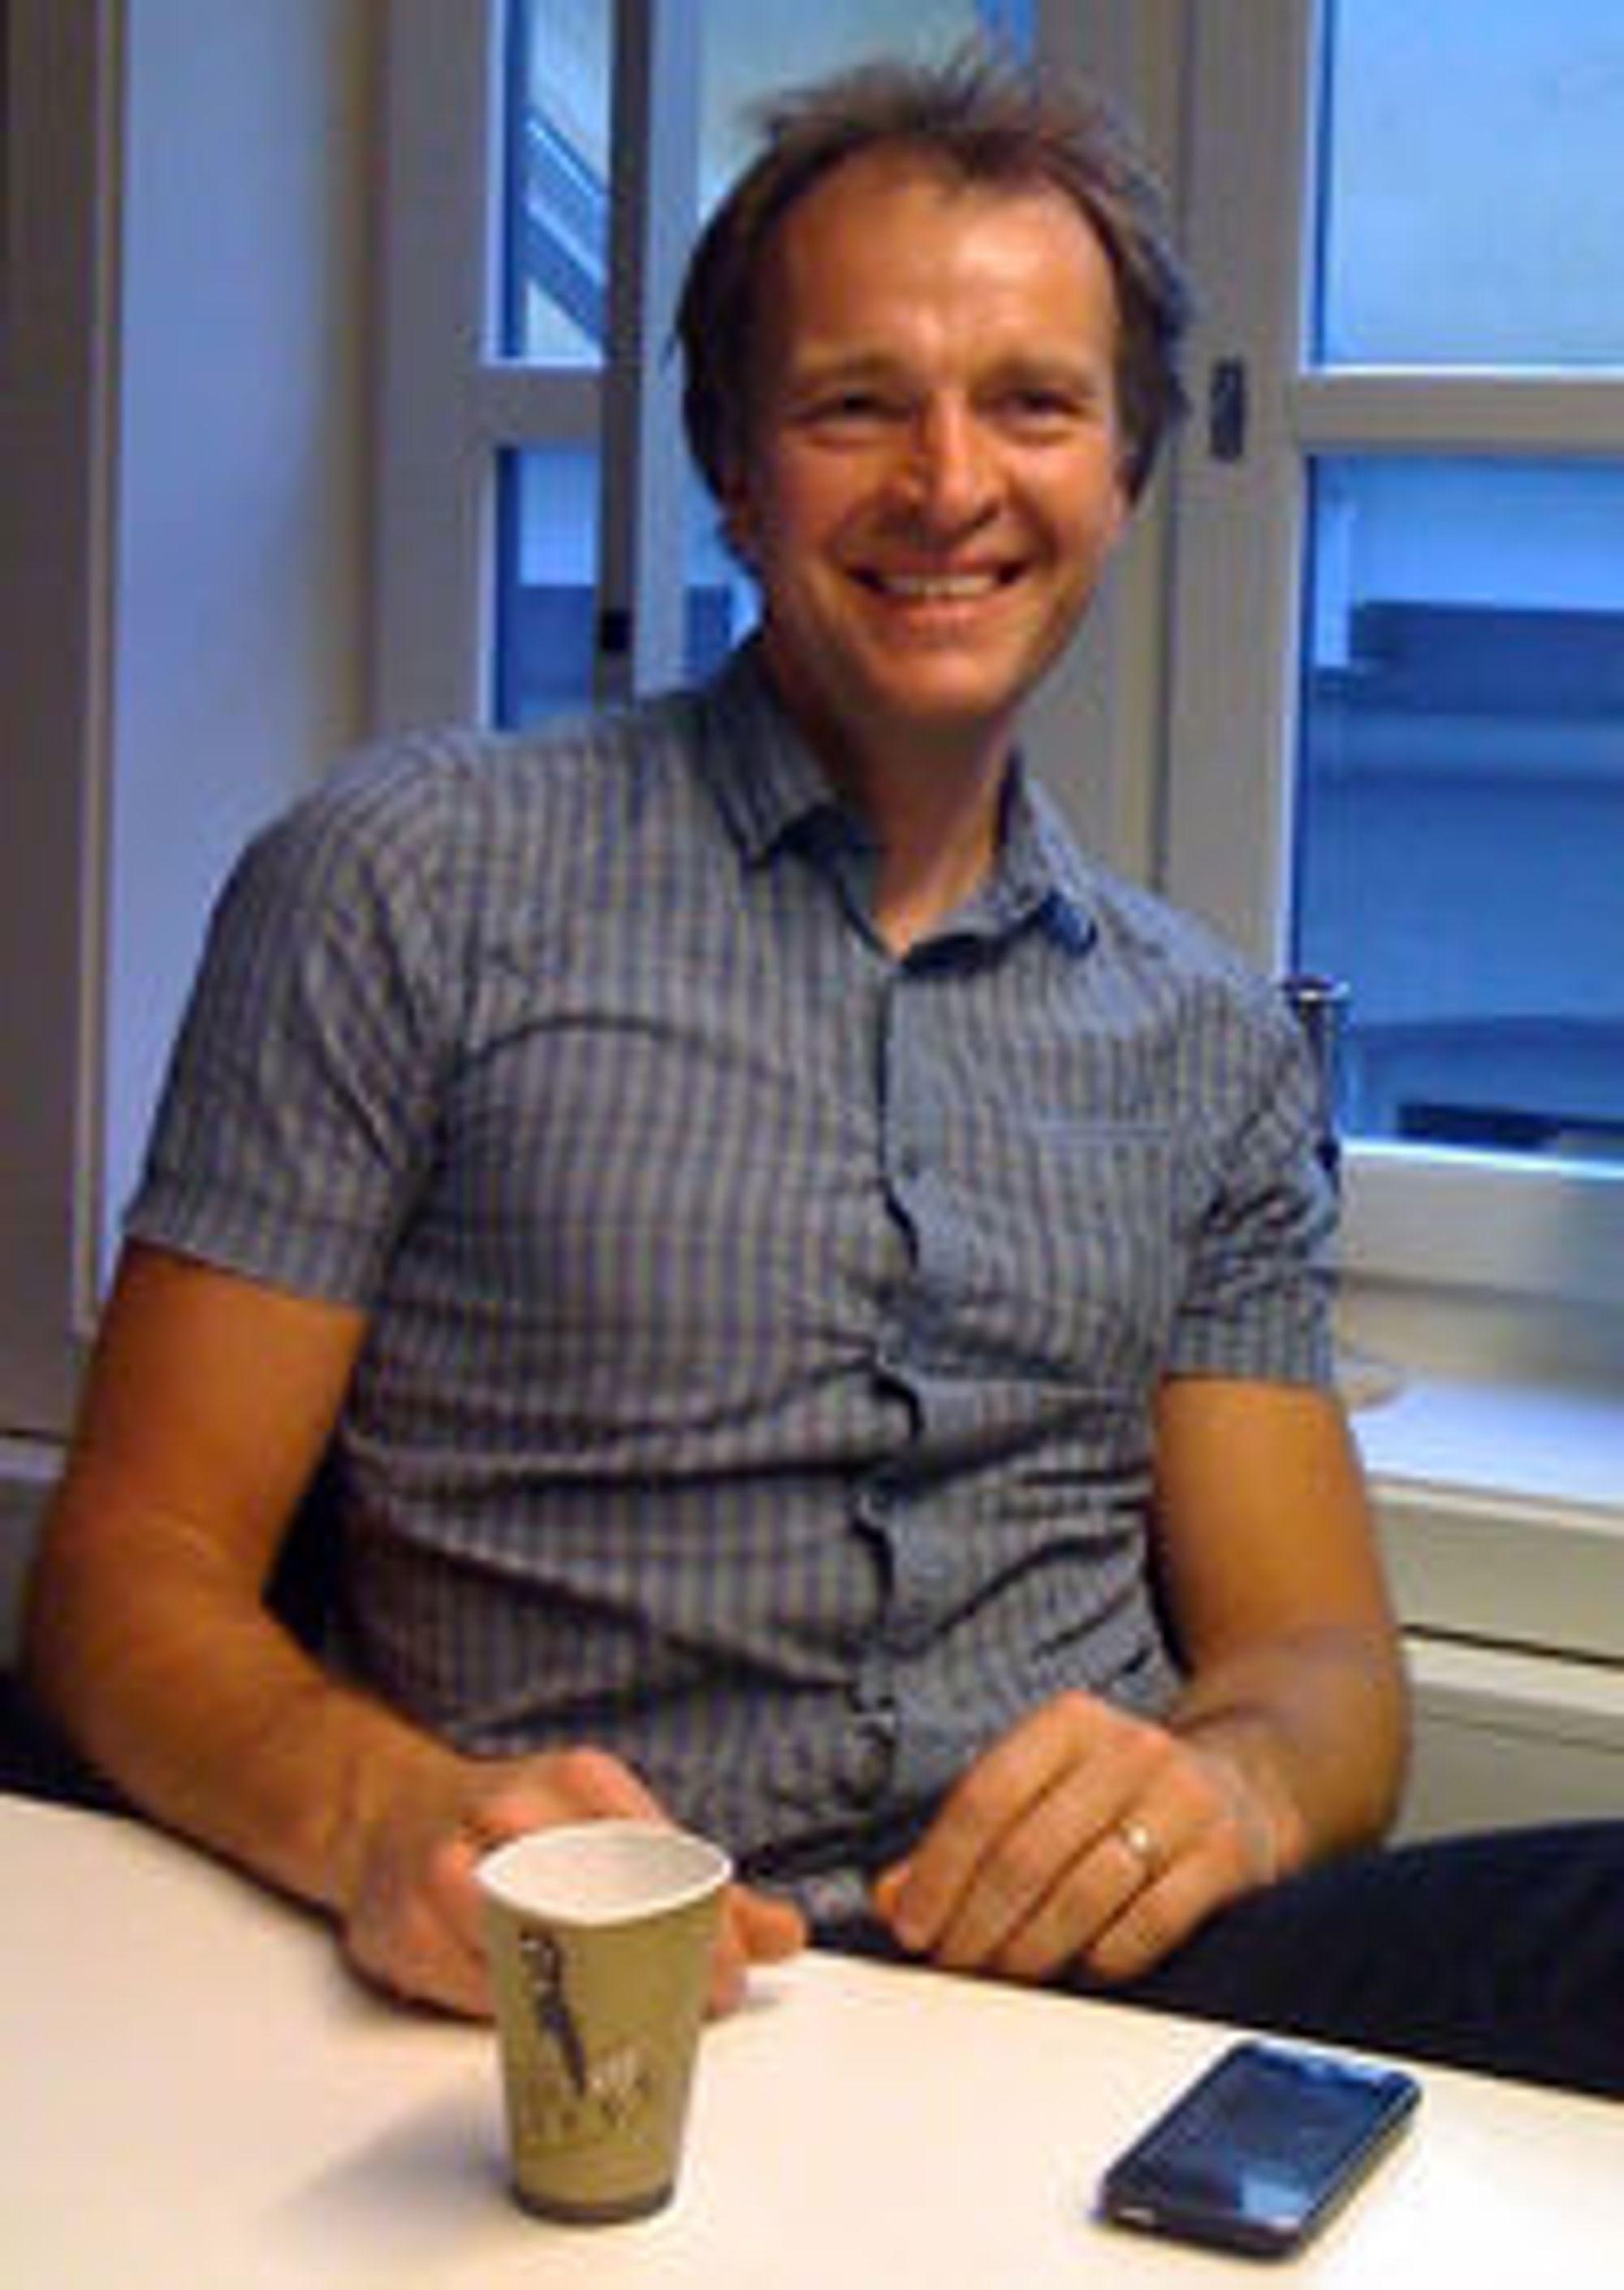 - Hvordan Wimp skal lanseres kommersielt vet vi først på sensommeren, sier teknisk sjef Per Einar Dybvik i Aspiro.